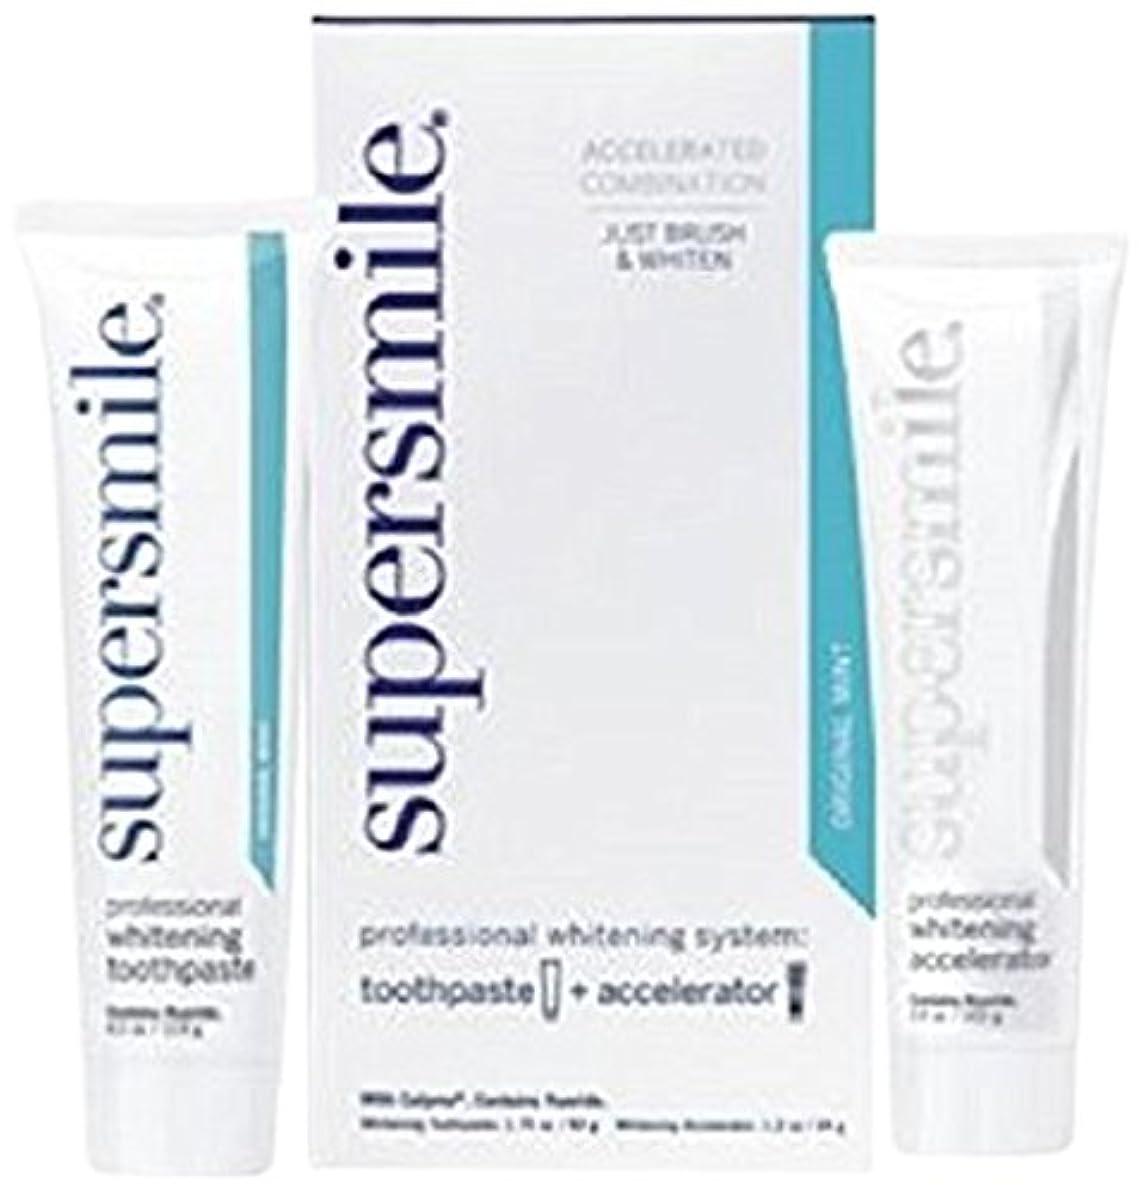 再撮りメンダシティ確実Supersmile Professional Whitening System: Toothpaste 50g/1.75oz + Accelerator 34g/1.2oz - 2pcs by SuperSmile